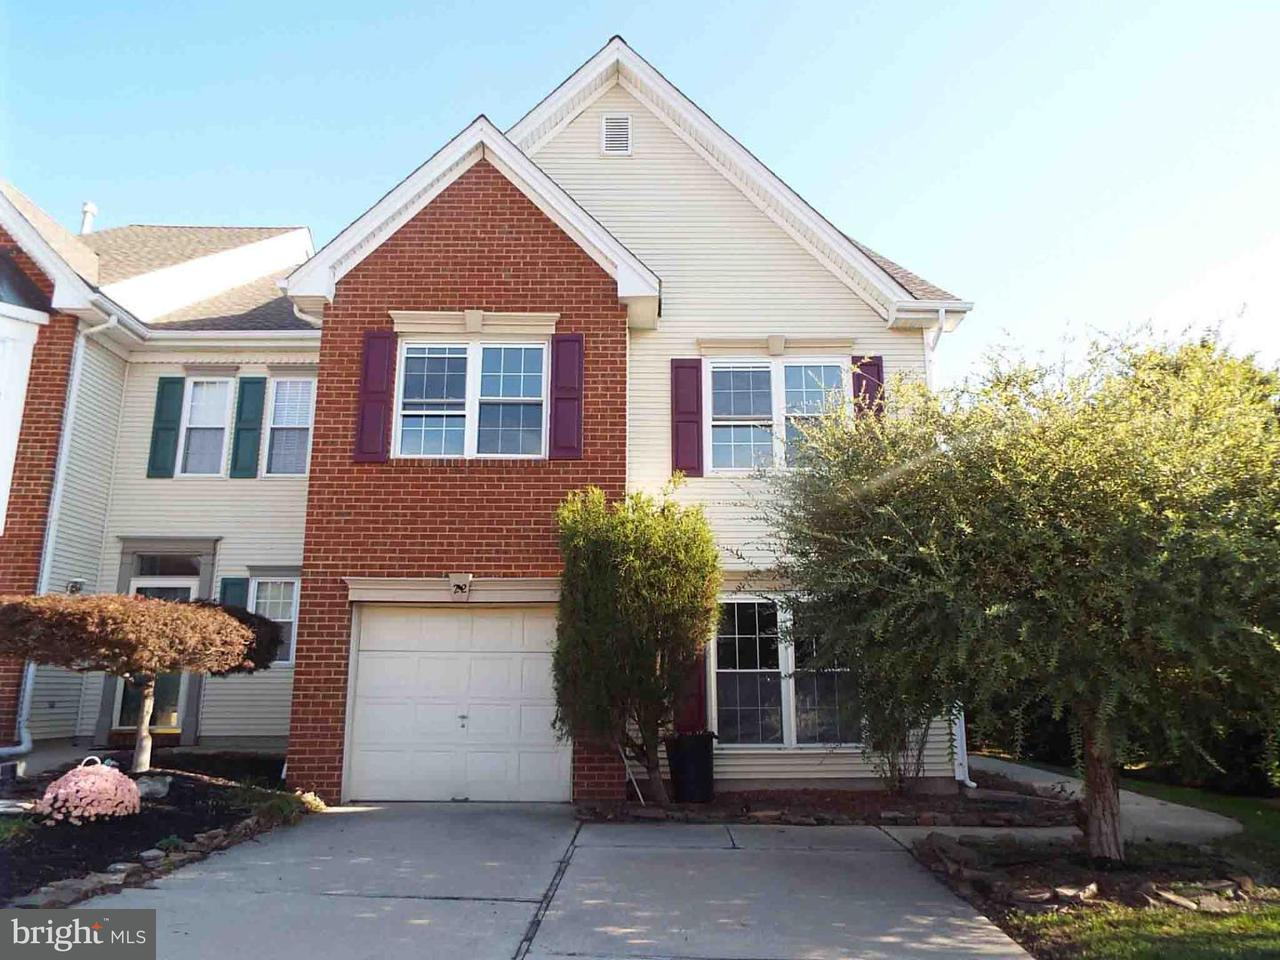 Casa unifamiliar adosada (Townhouse) por un Venta en 22 LA COSTA Drive Blackwood, Nueva Jersey 08012 Estados Unidos